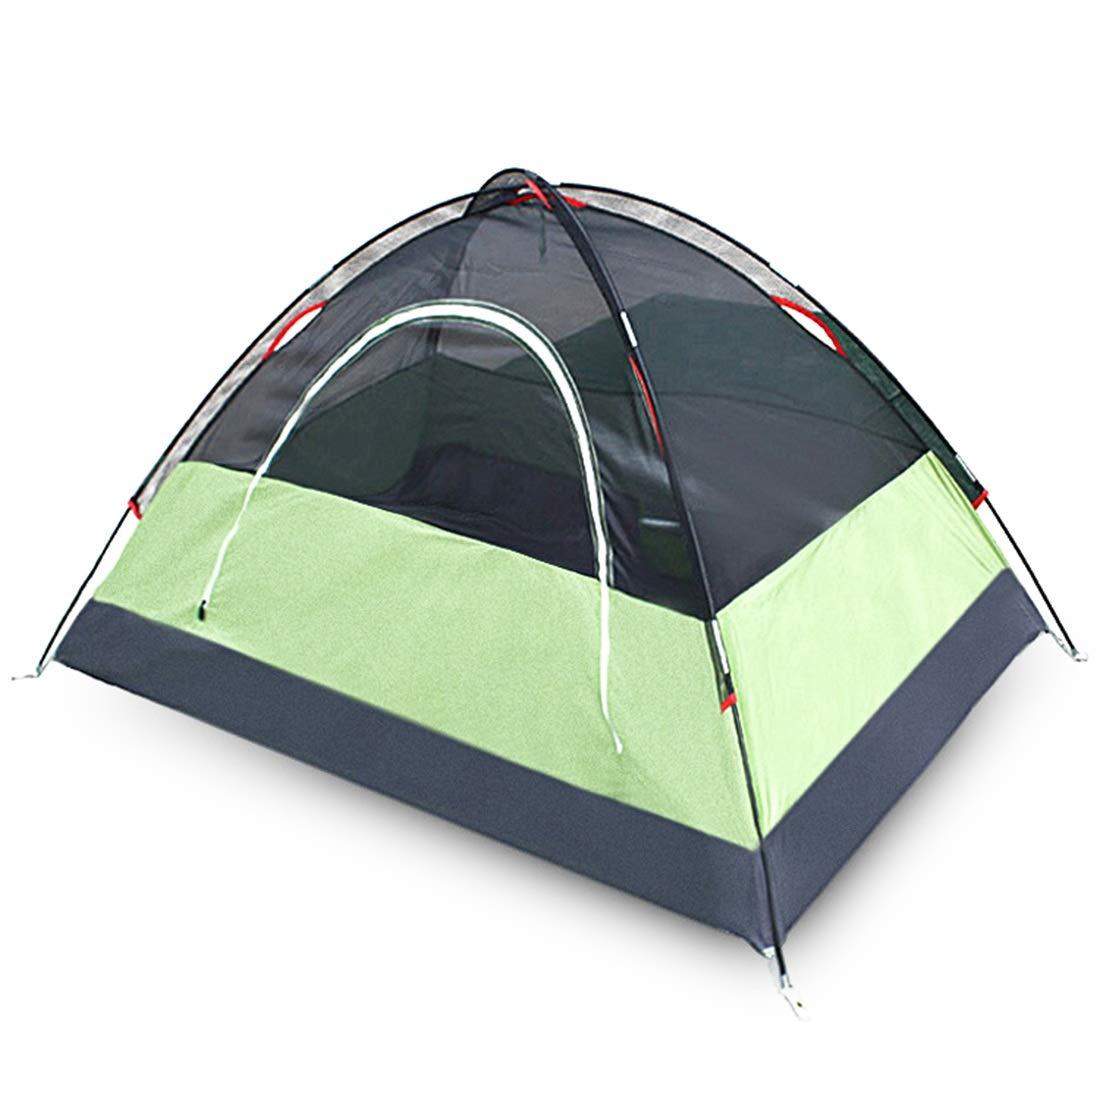 Sakuldes Bergsteigen-Zelt Reise-Zelt  1-2 Personen winddichtes Sonnenschutzzelt für Outdoor-Athleten (Farbe  Reise-Zelt  Grün) d39af9